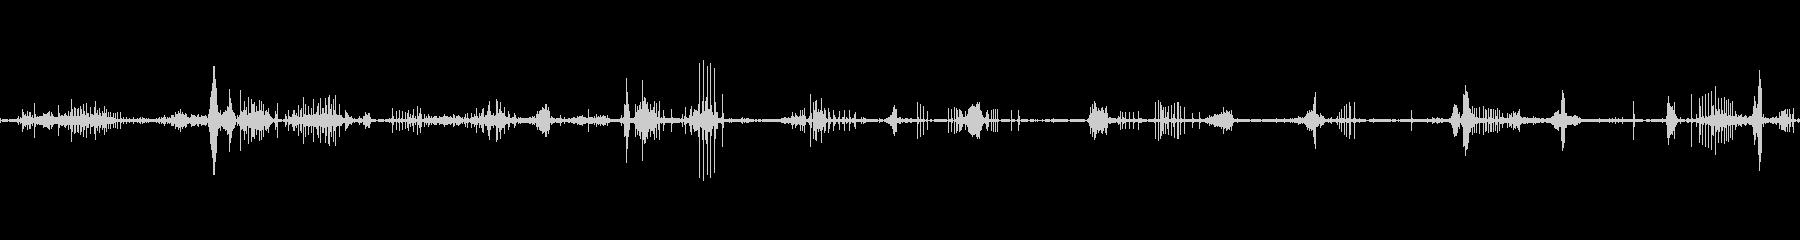 ASMR 足音(雪 登山靴)ゆっくりの未再生の波形